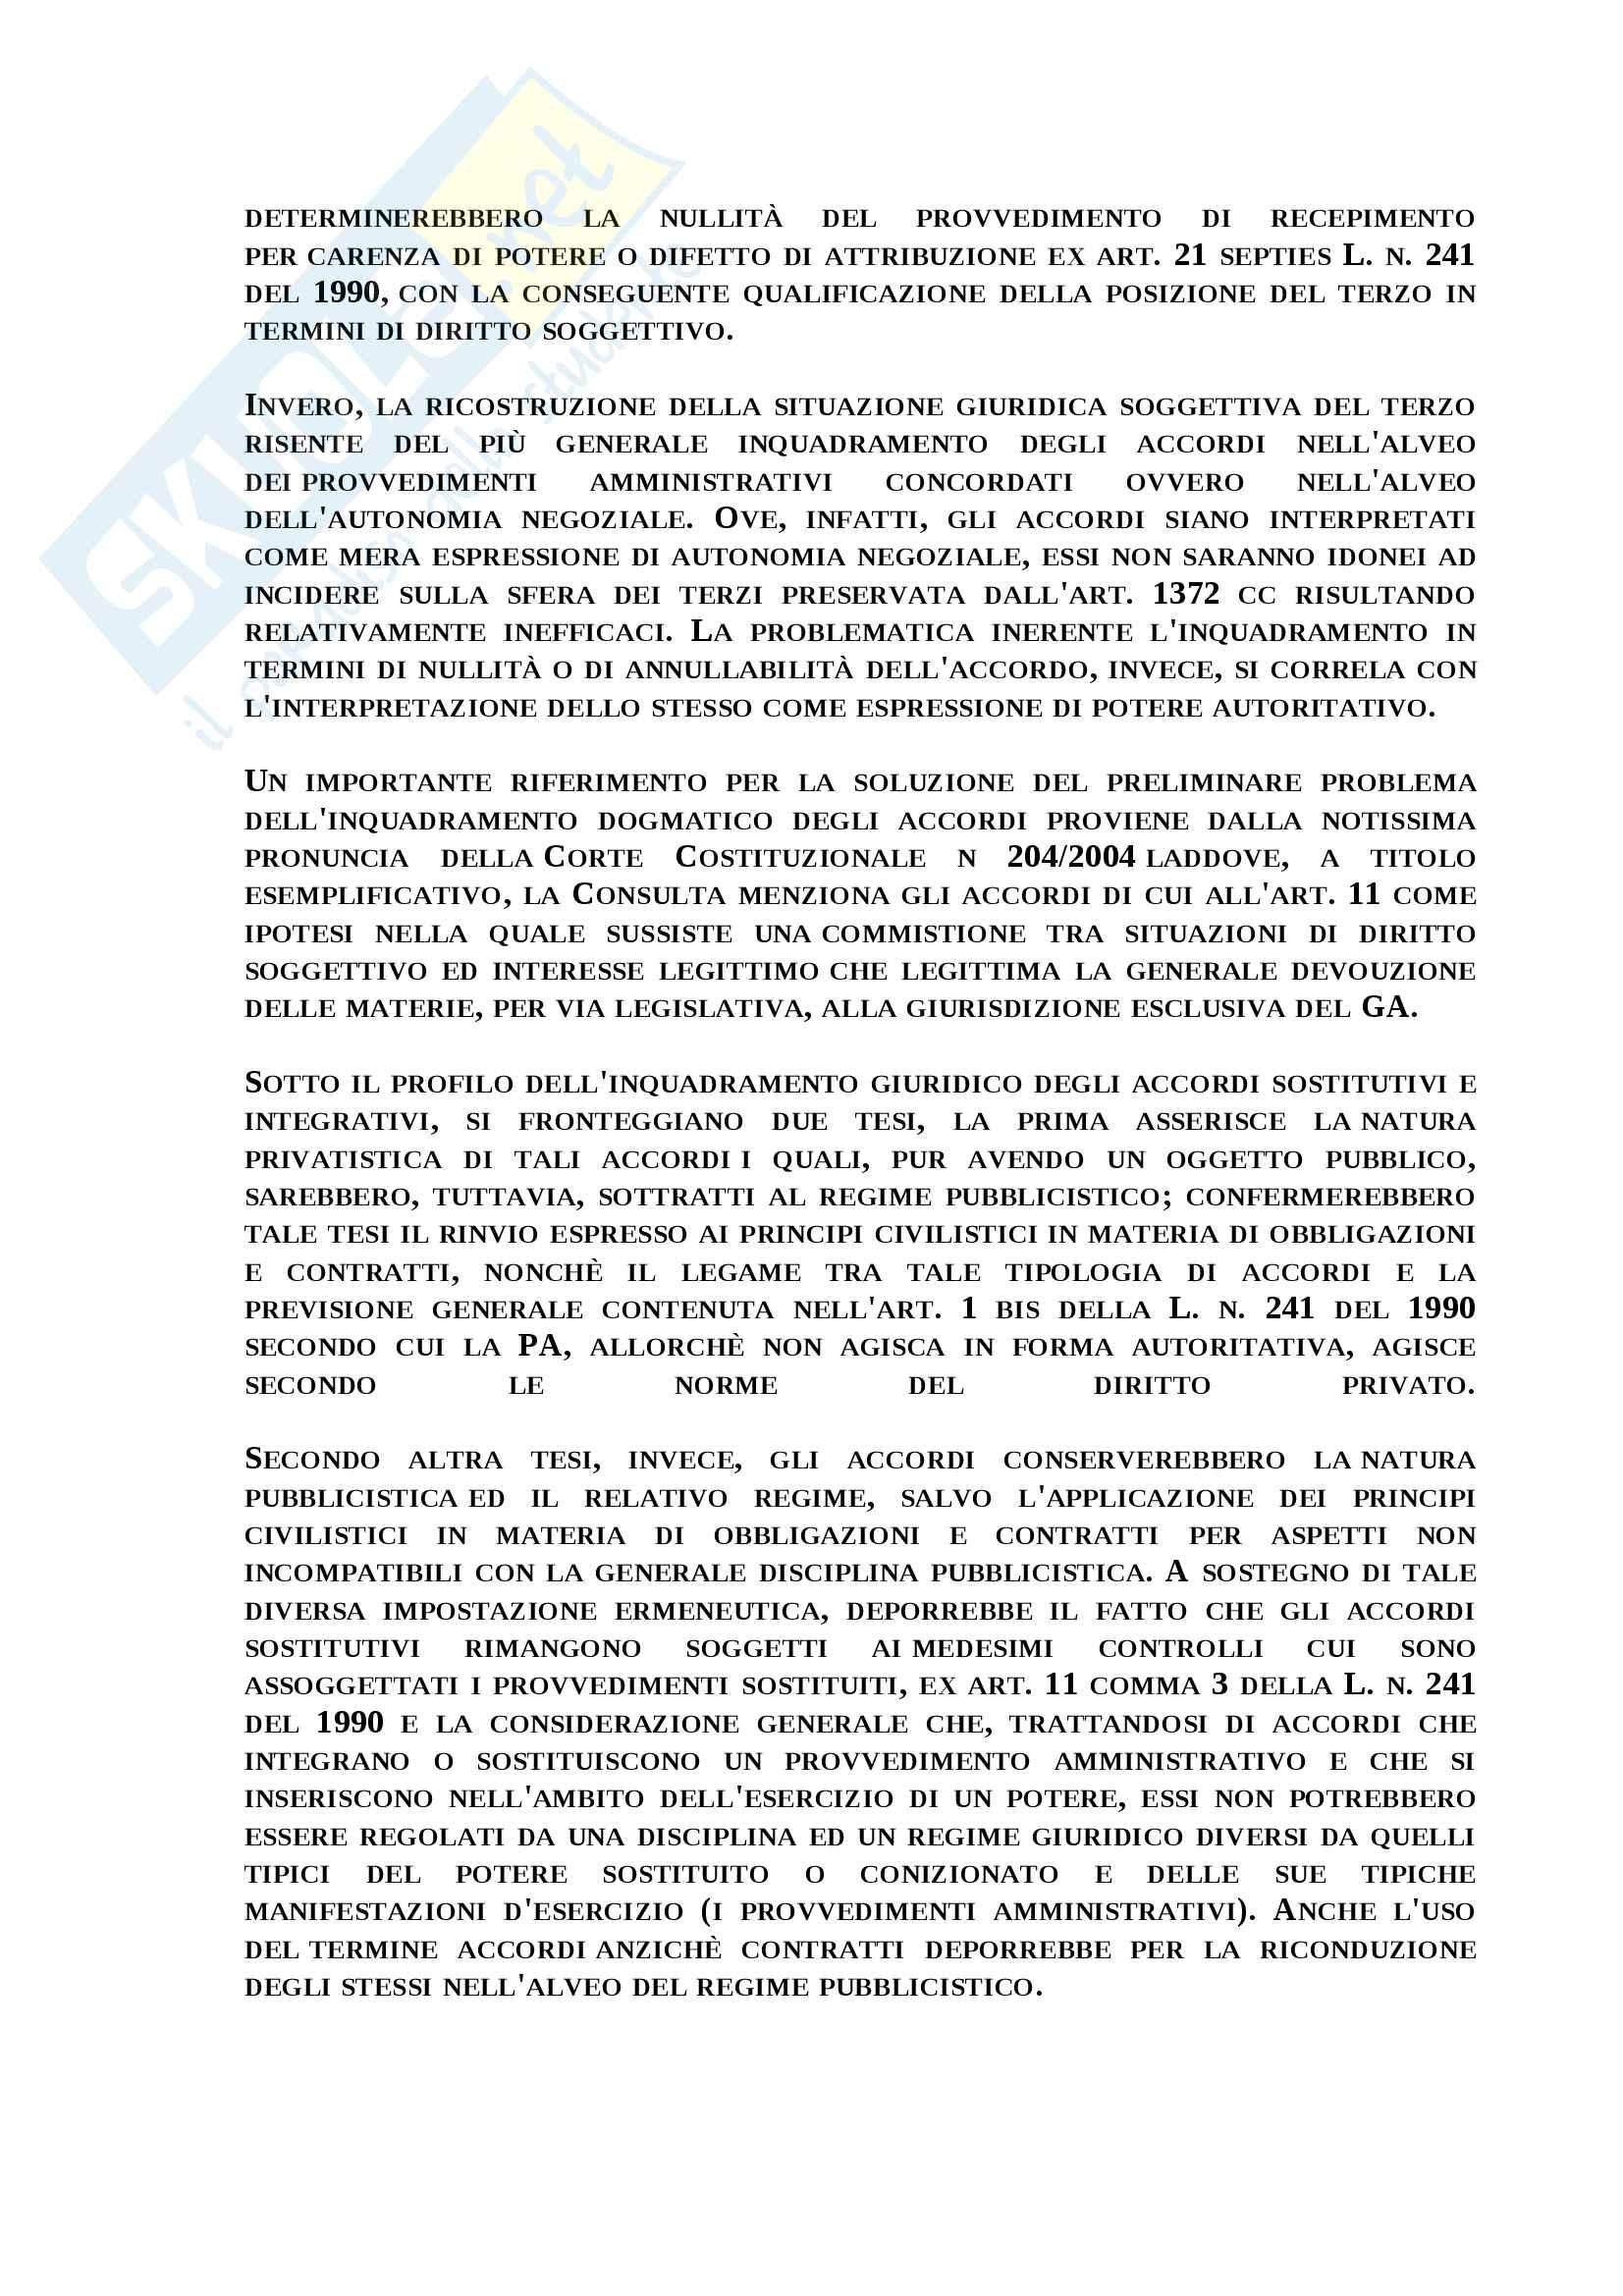 Atti autoritativi - atti non autoritativi PA Pag. 6